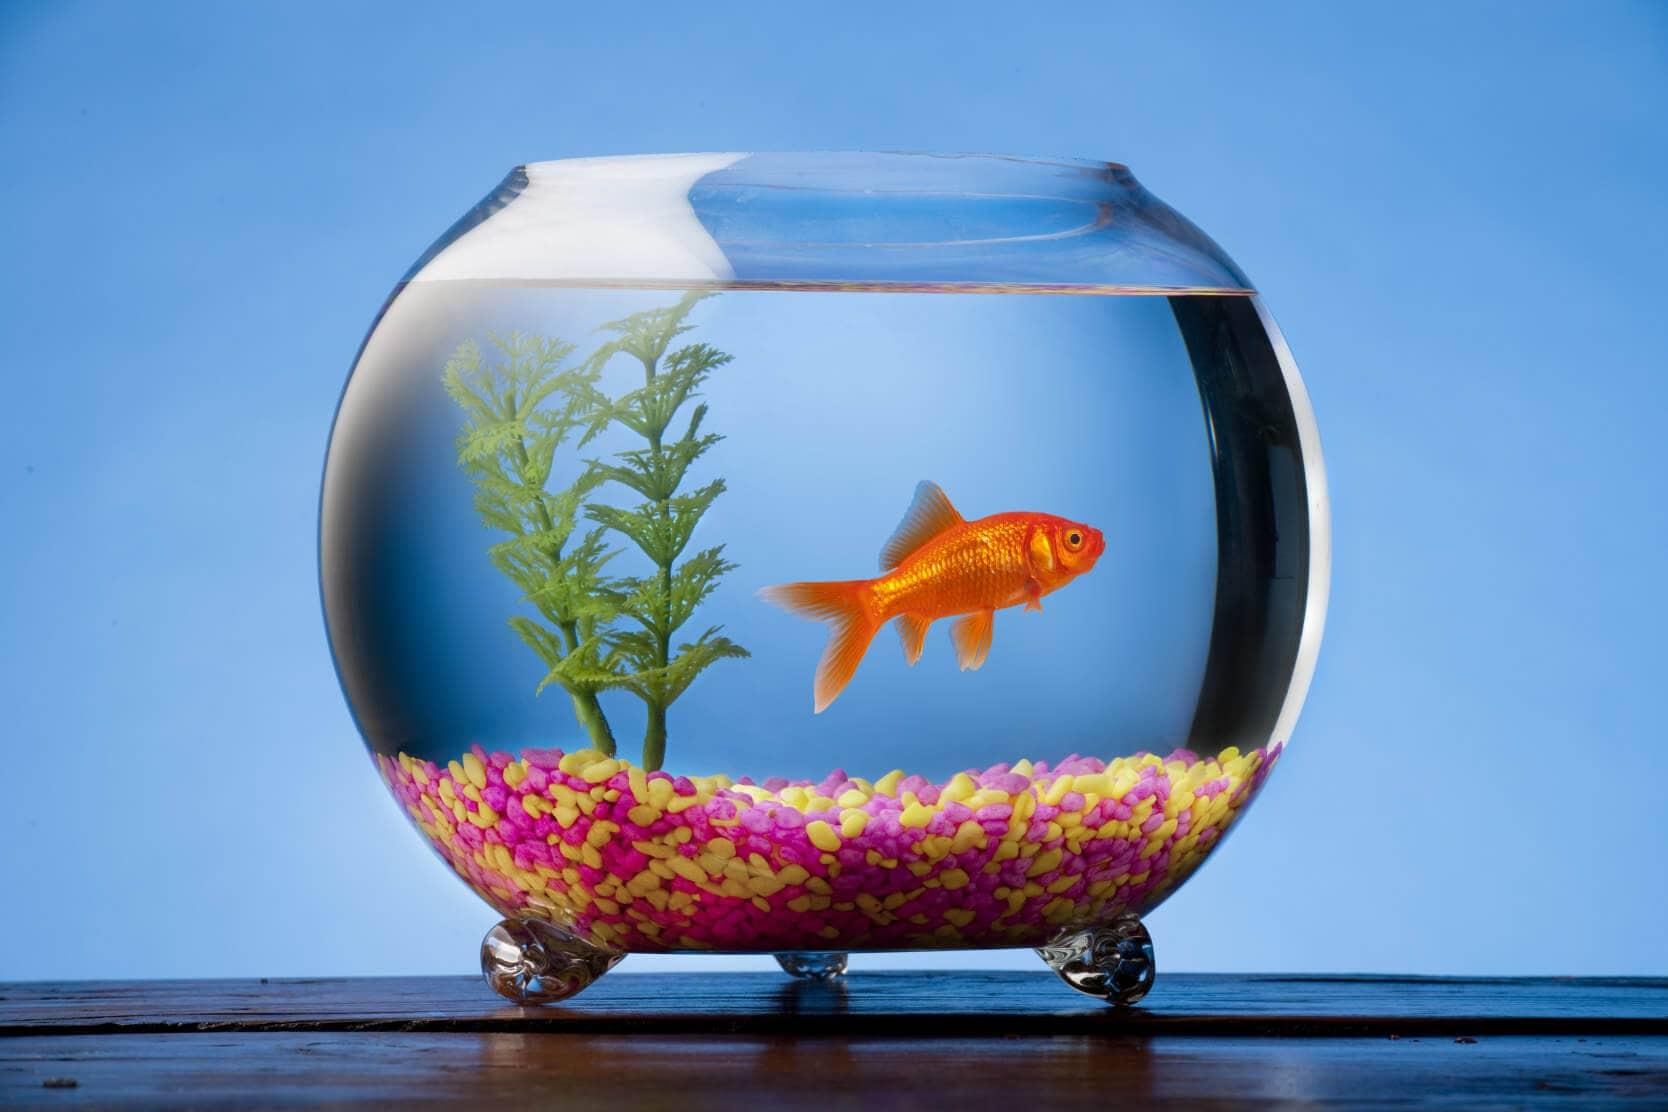 Aquarium im Urlaub Fr die Abwesenheit vorsorgen  HeimHelden